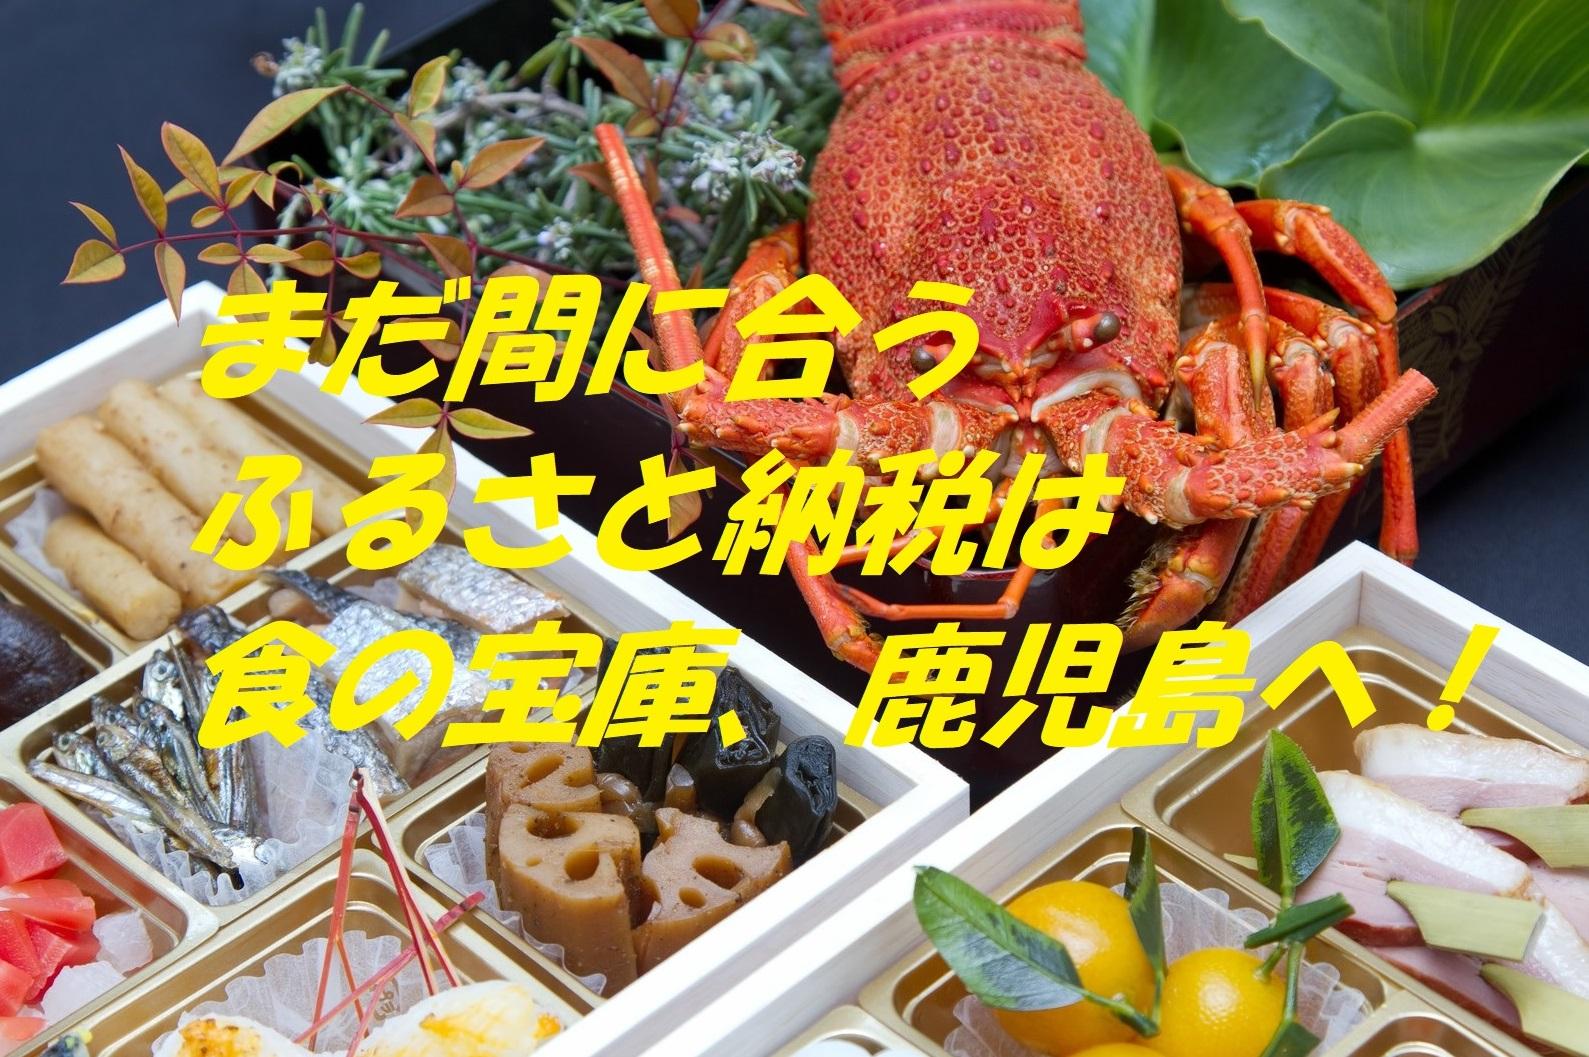 2020年 鹿児島県の市町村別、ふるさと納税おすすめの返礼品!! イメージ画像